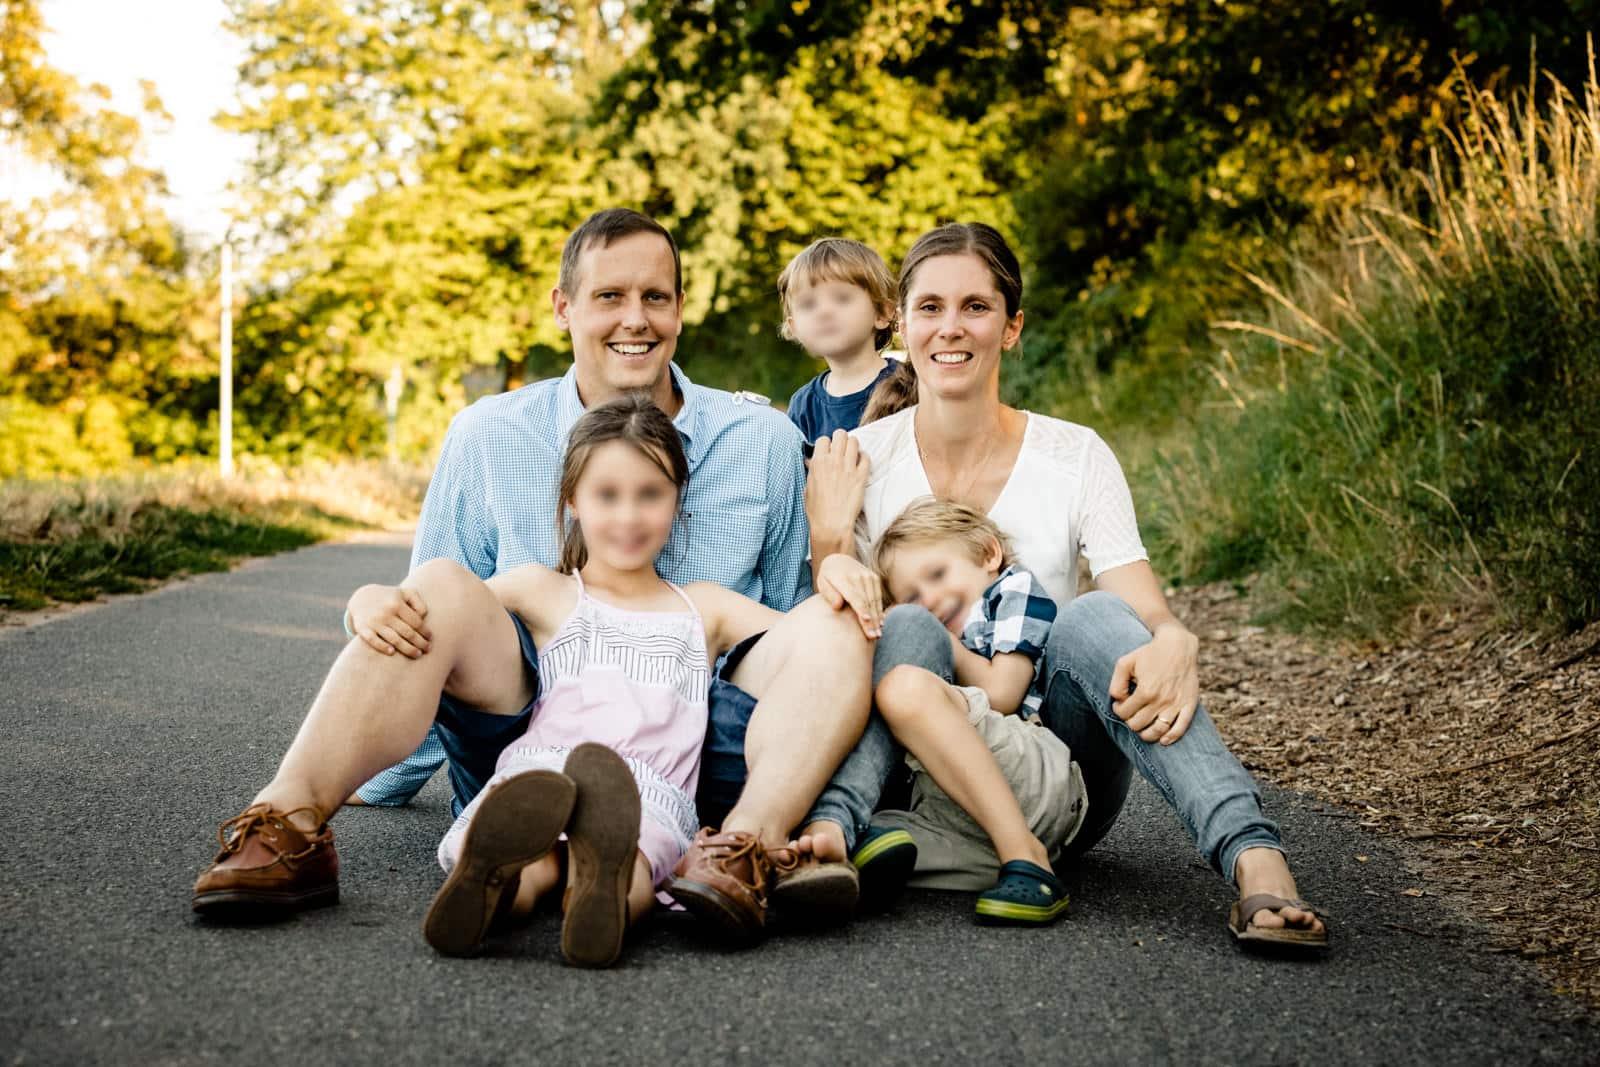 Familie sitzt zu fünft auf einem betonierten Weg in der Natur mit Sonne im Hintergrund